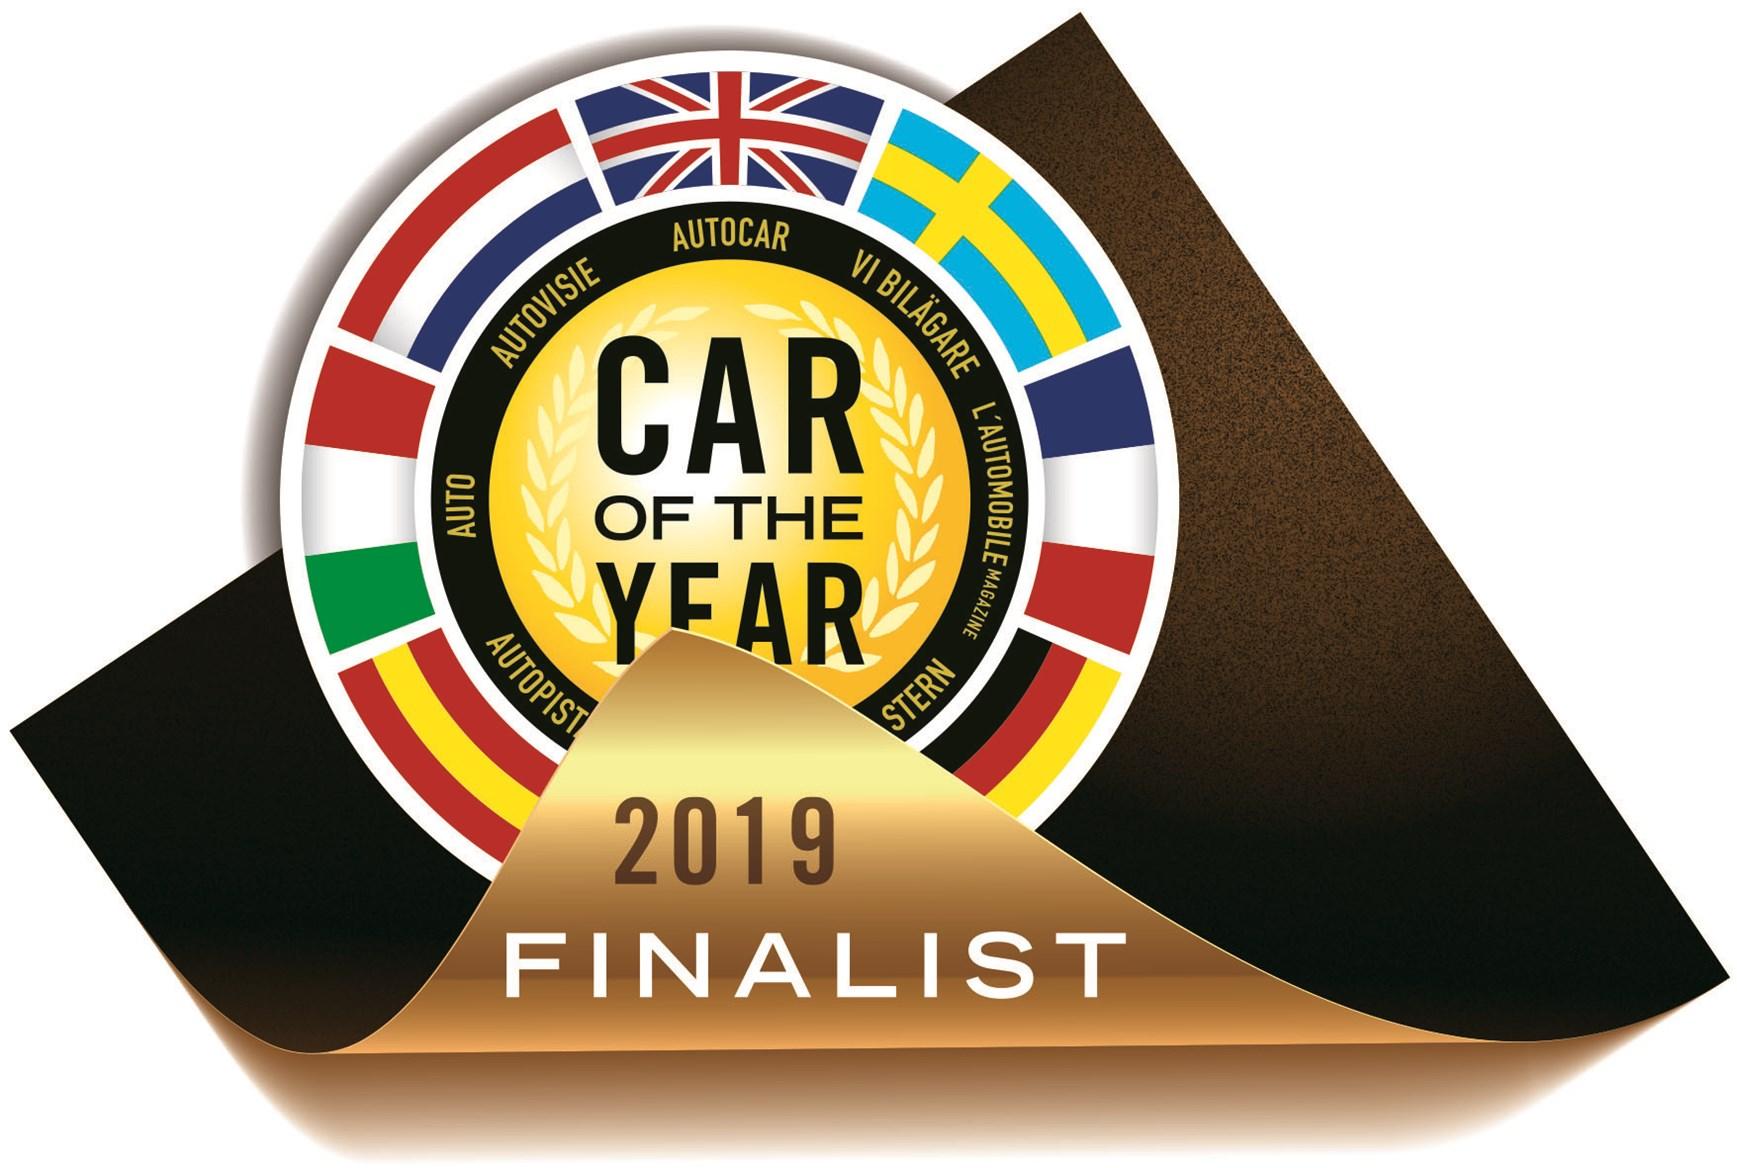 Названы 7 финалистов конкурса «Автомобиль года 2019»